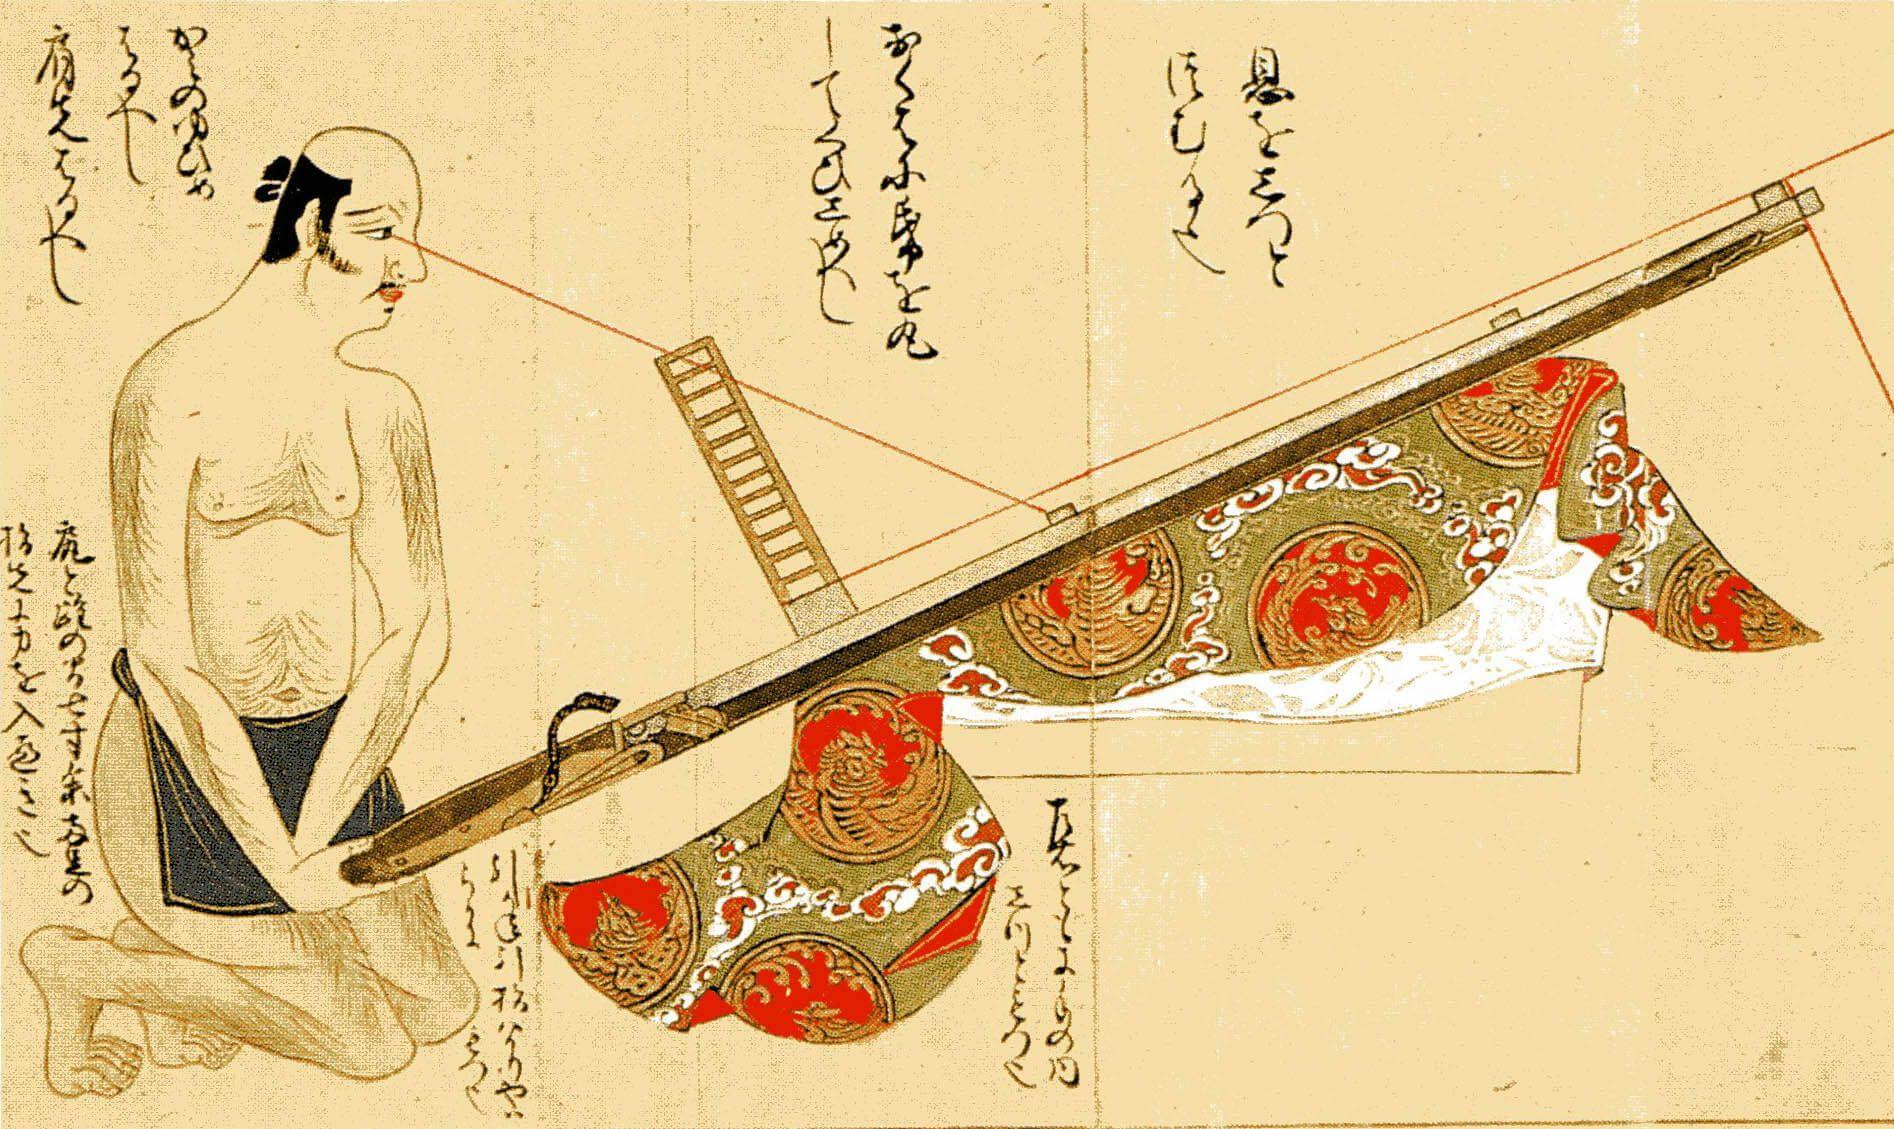 Escuela de Tiro Inatomi teppô Japón